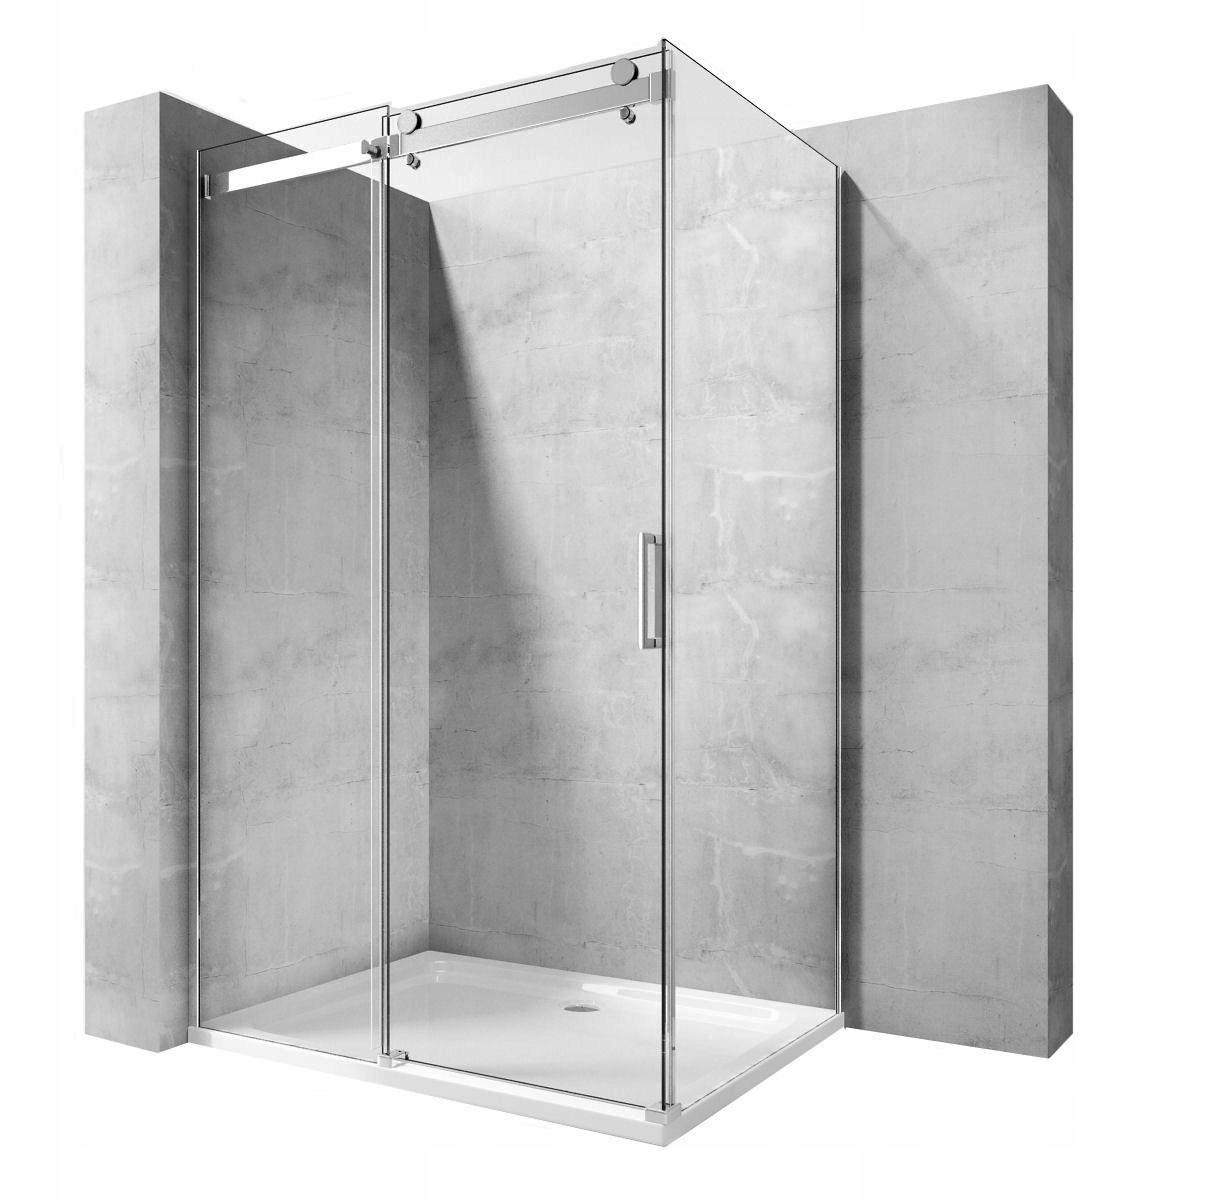 POSUVNÉ sprchové 120x90 cm, SKLO 8 MM